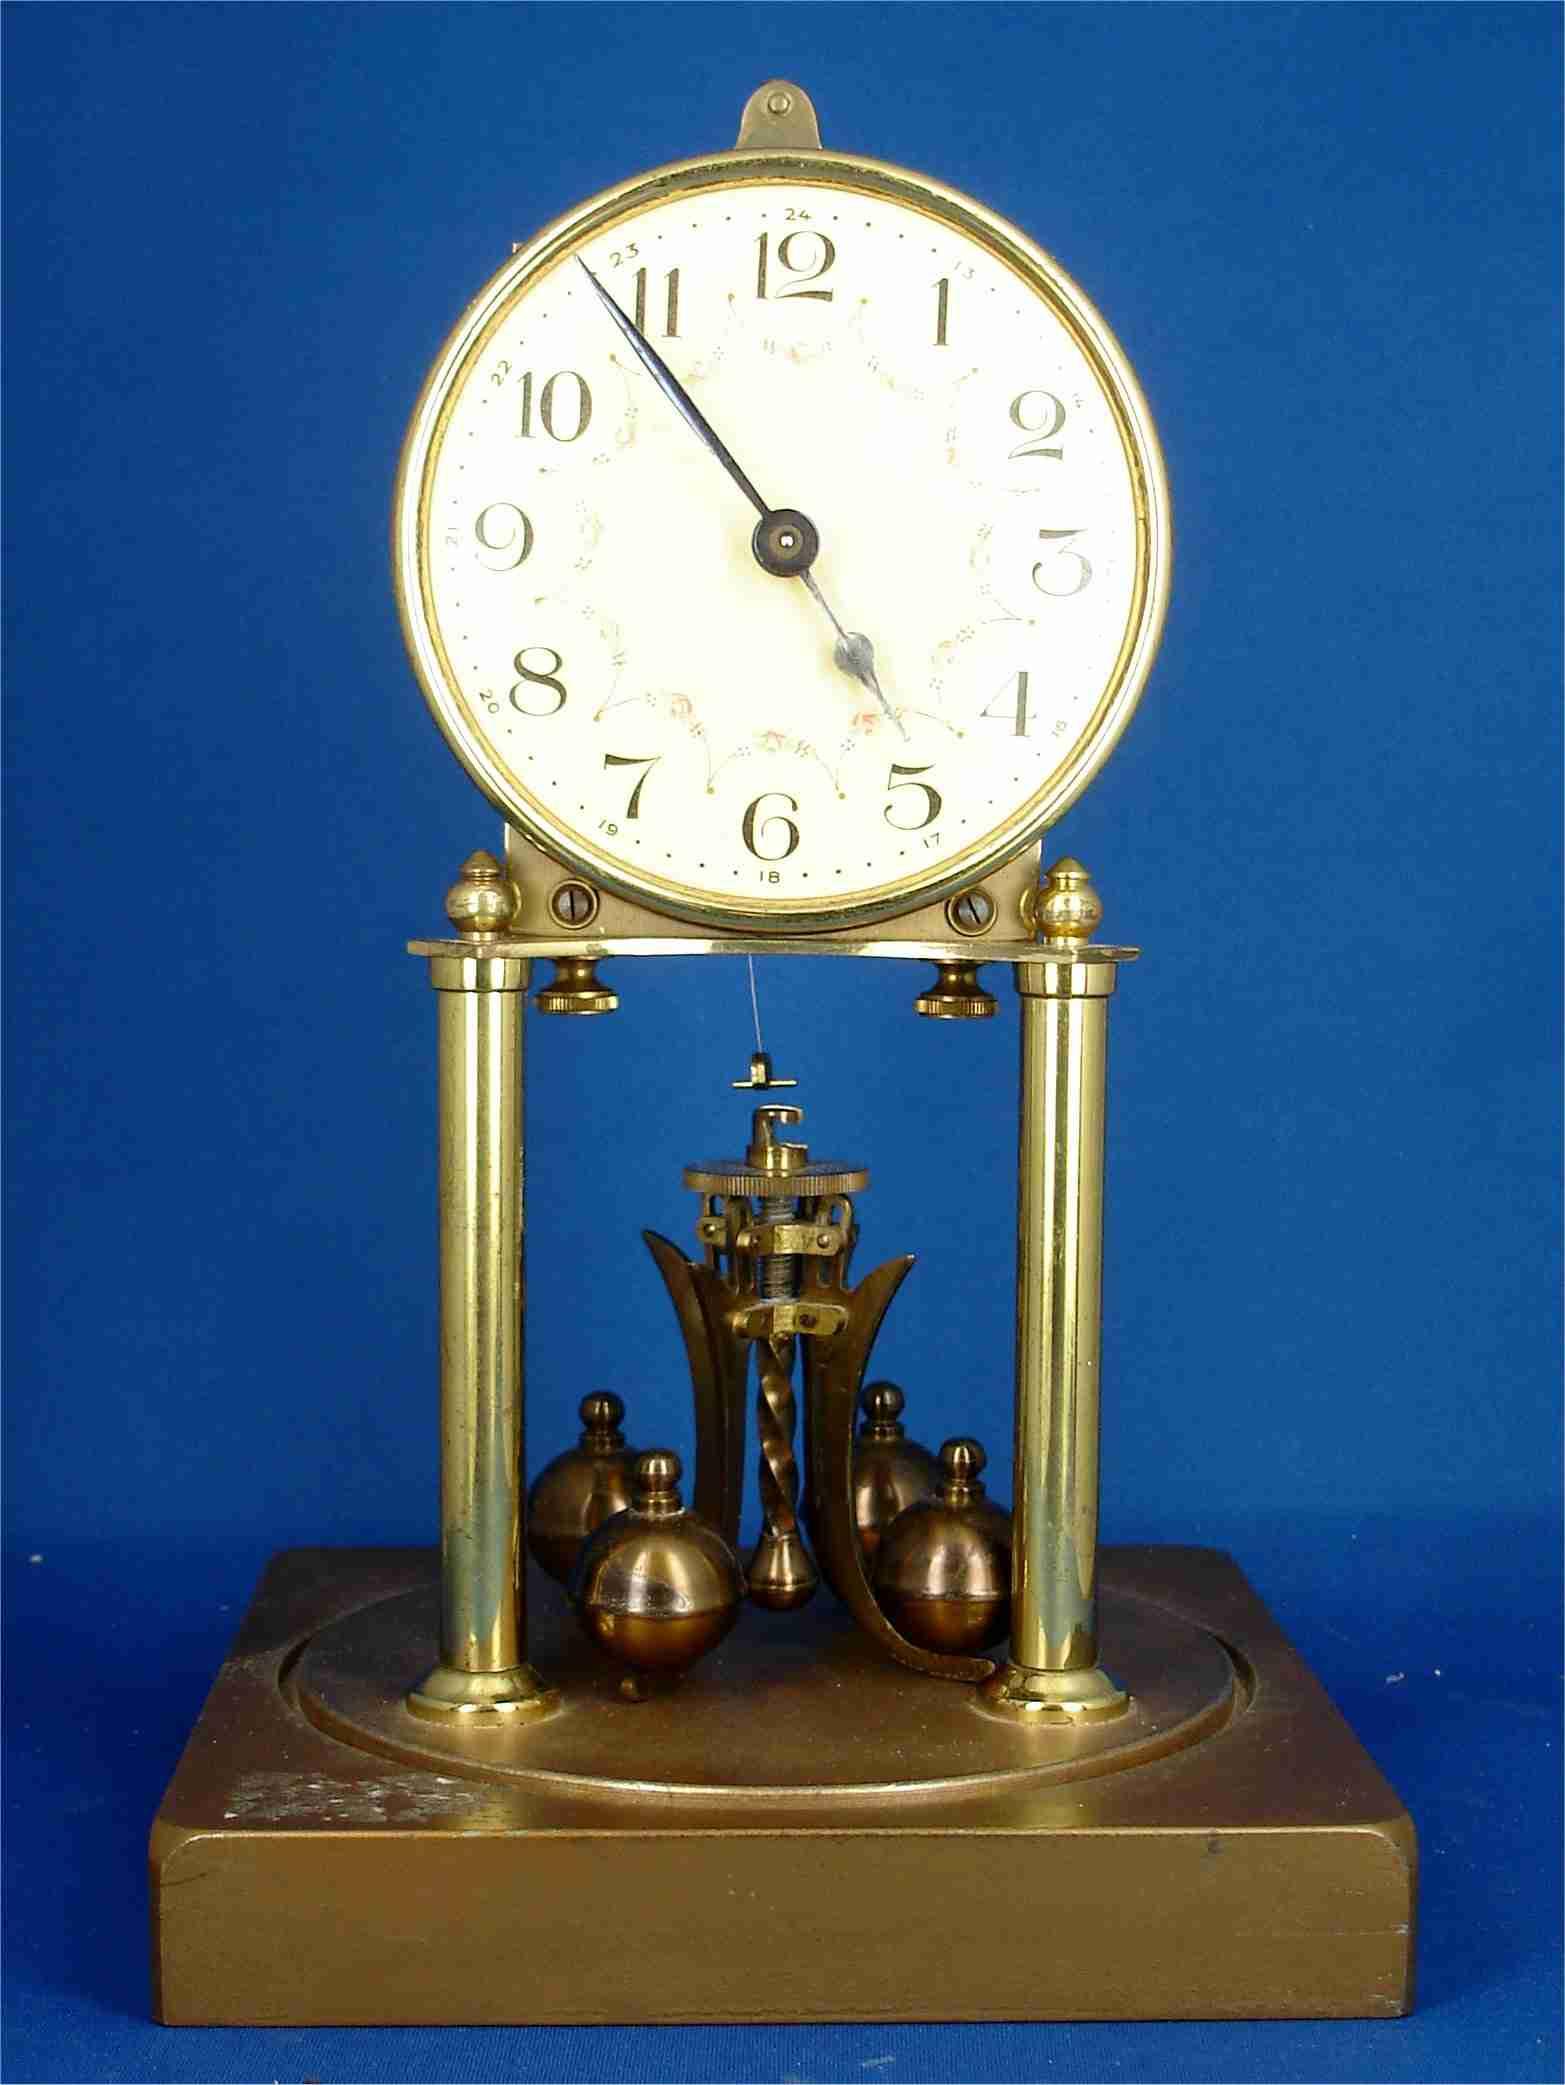 Anniversary Clock Diagram Schematic Diagrams Fuse Box Schatz Schematics Wiring U2022 Waltham Mantel